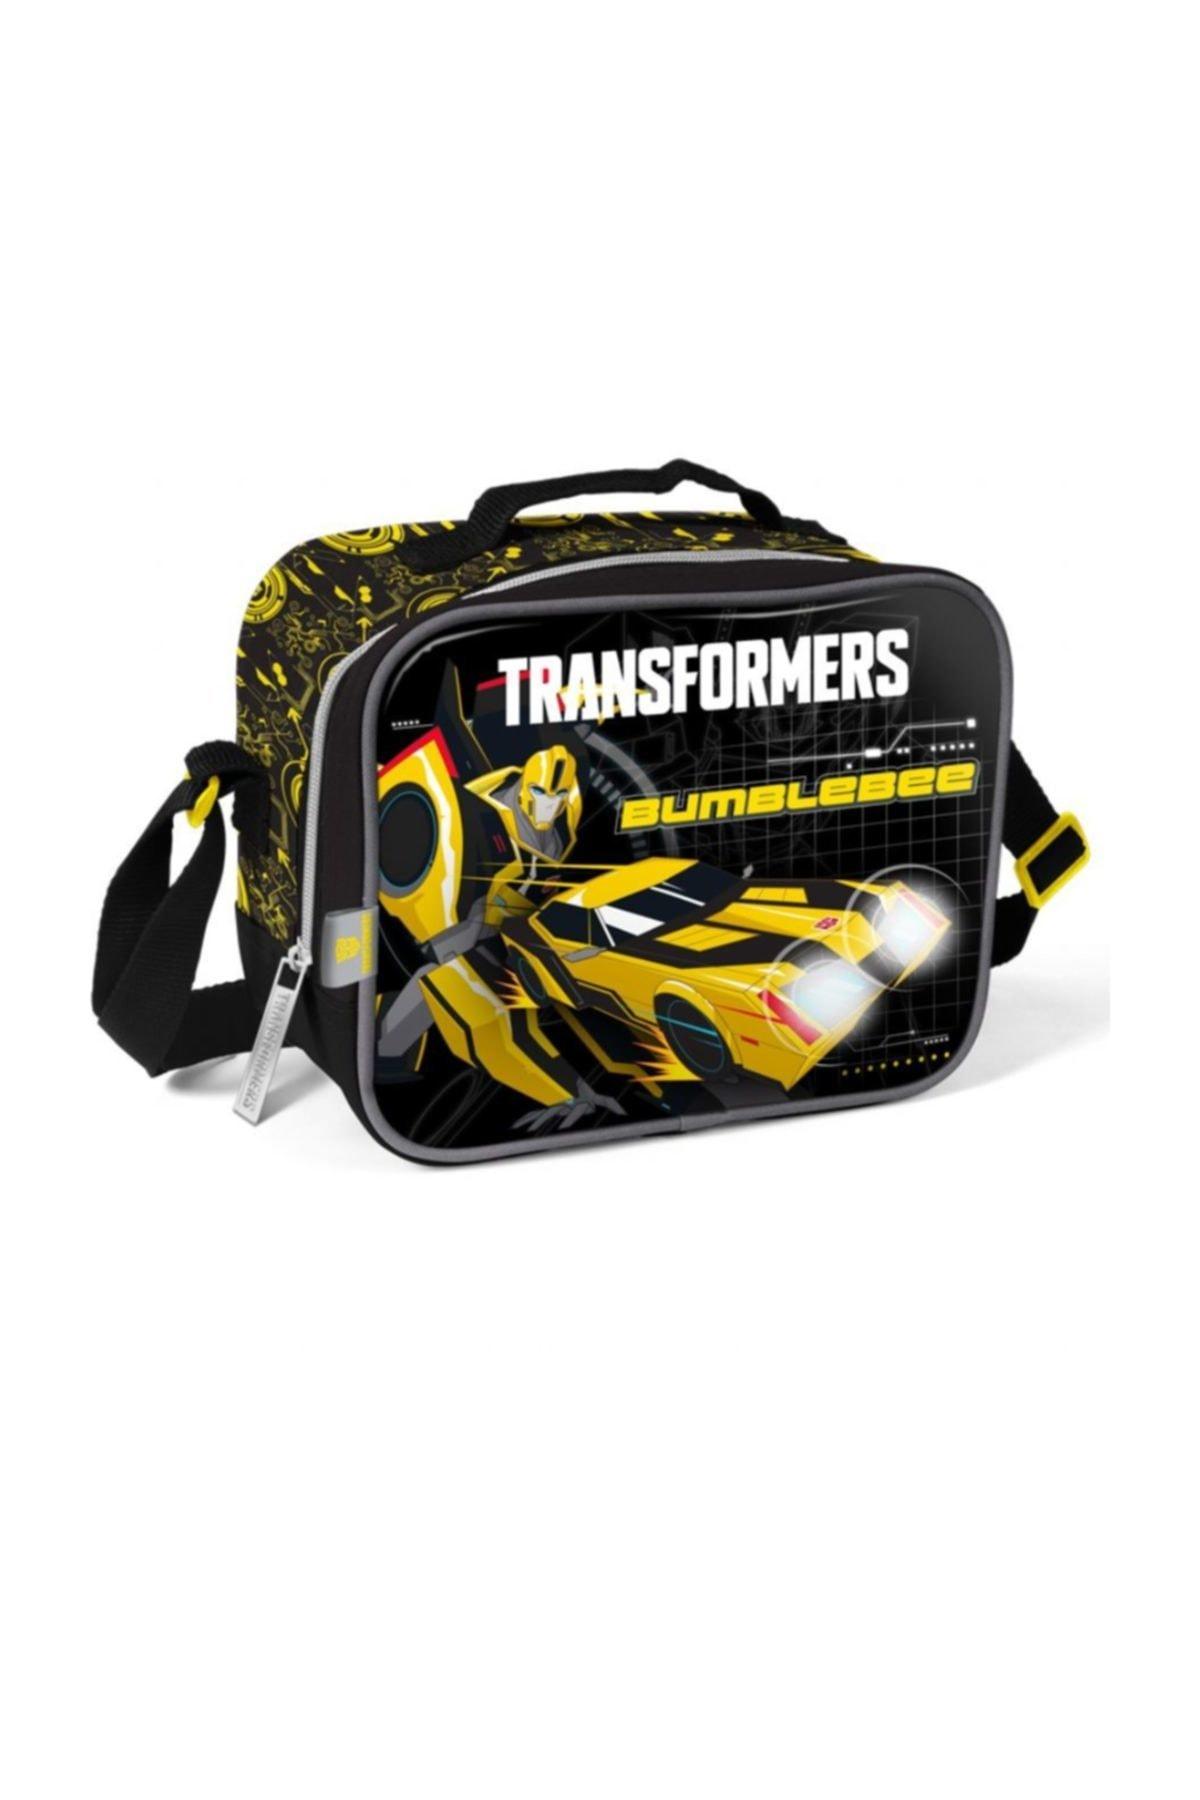 Yaygan Çanta Transformers Bumblebee Kabrtmalı Beslenme Çantası 1